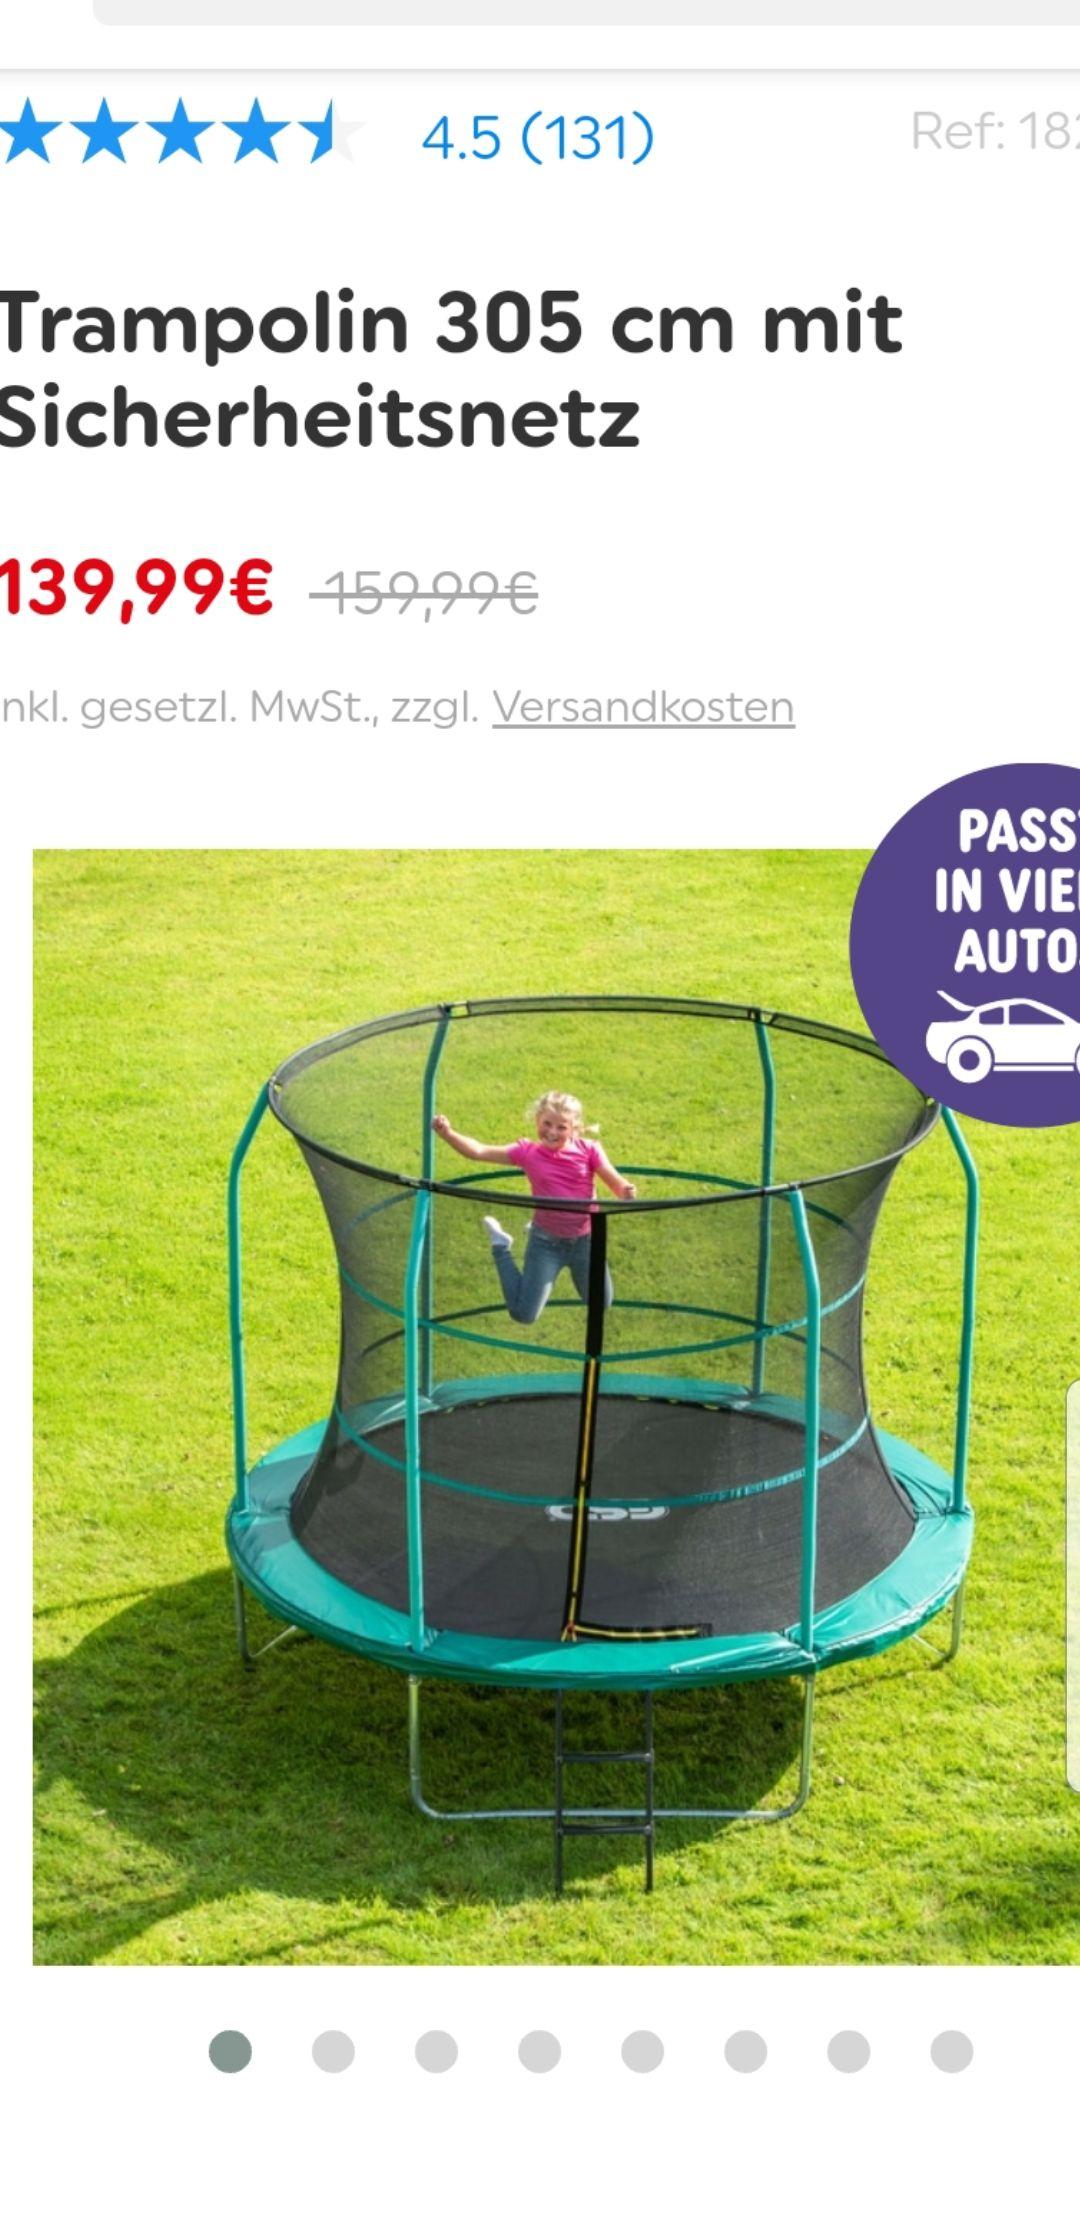 Kinder Trampolin v. Smythstoys versandkostenfrei 305 ×250 für 139Euro oder den 244 cm für 119Euro für den Garten !